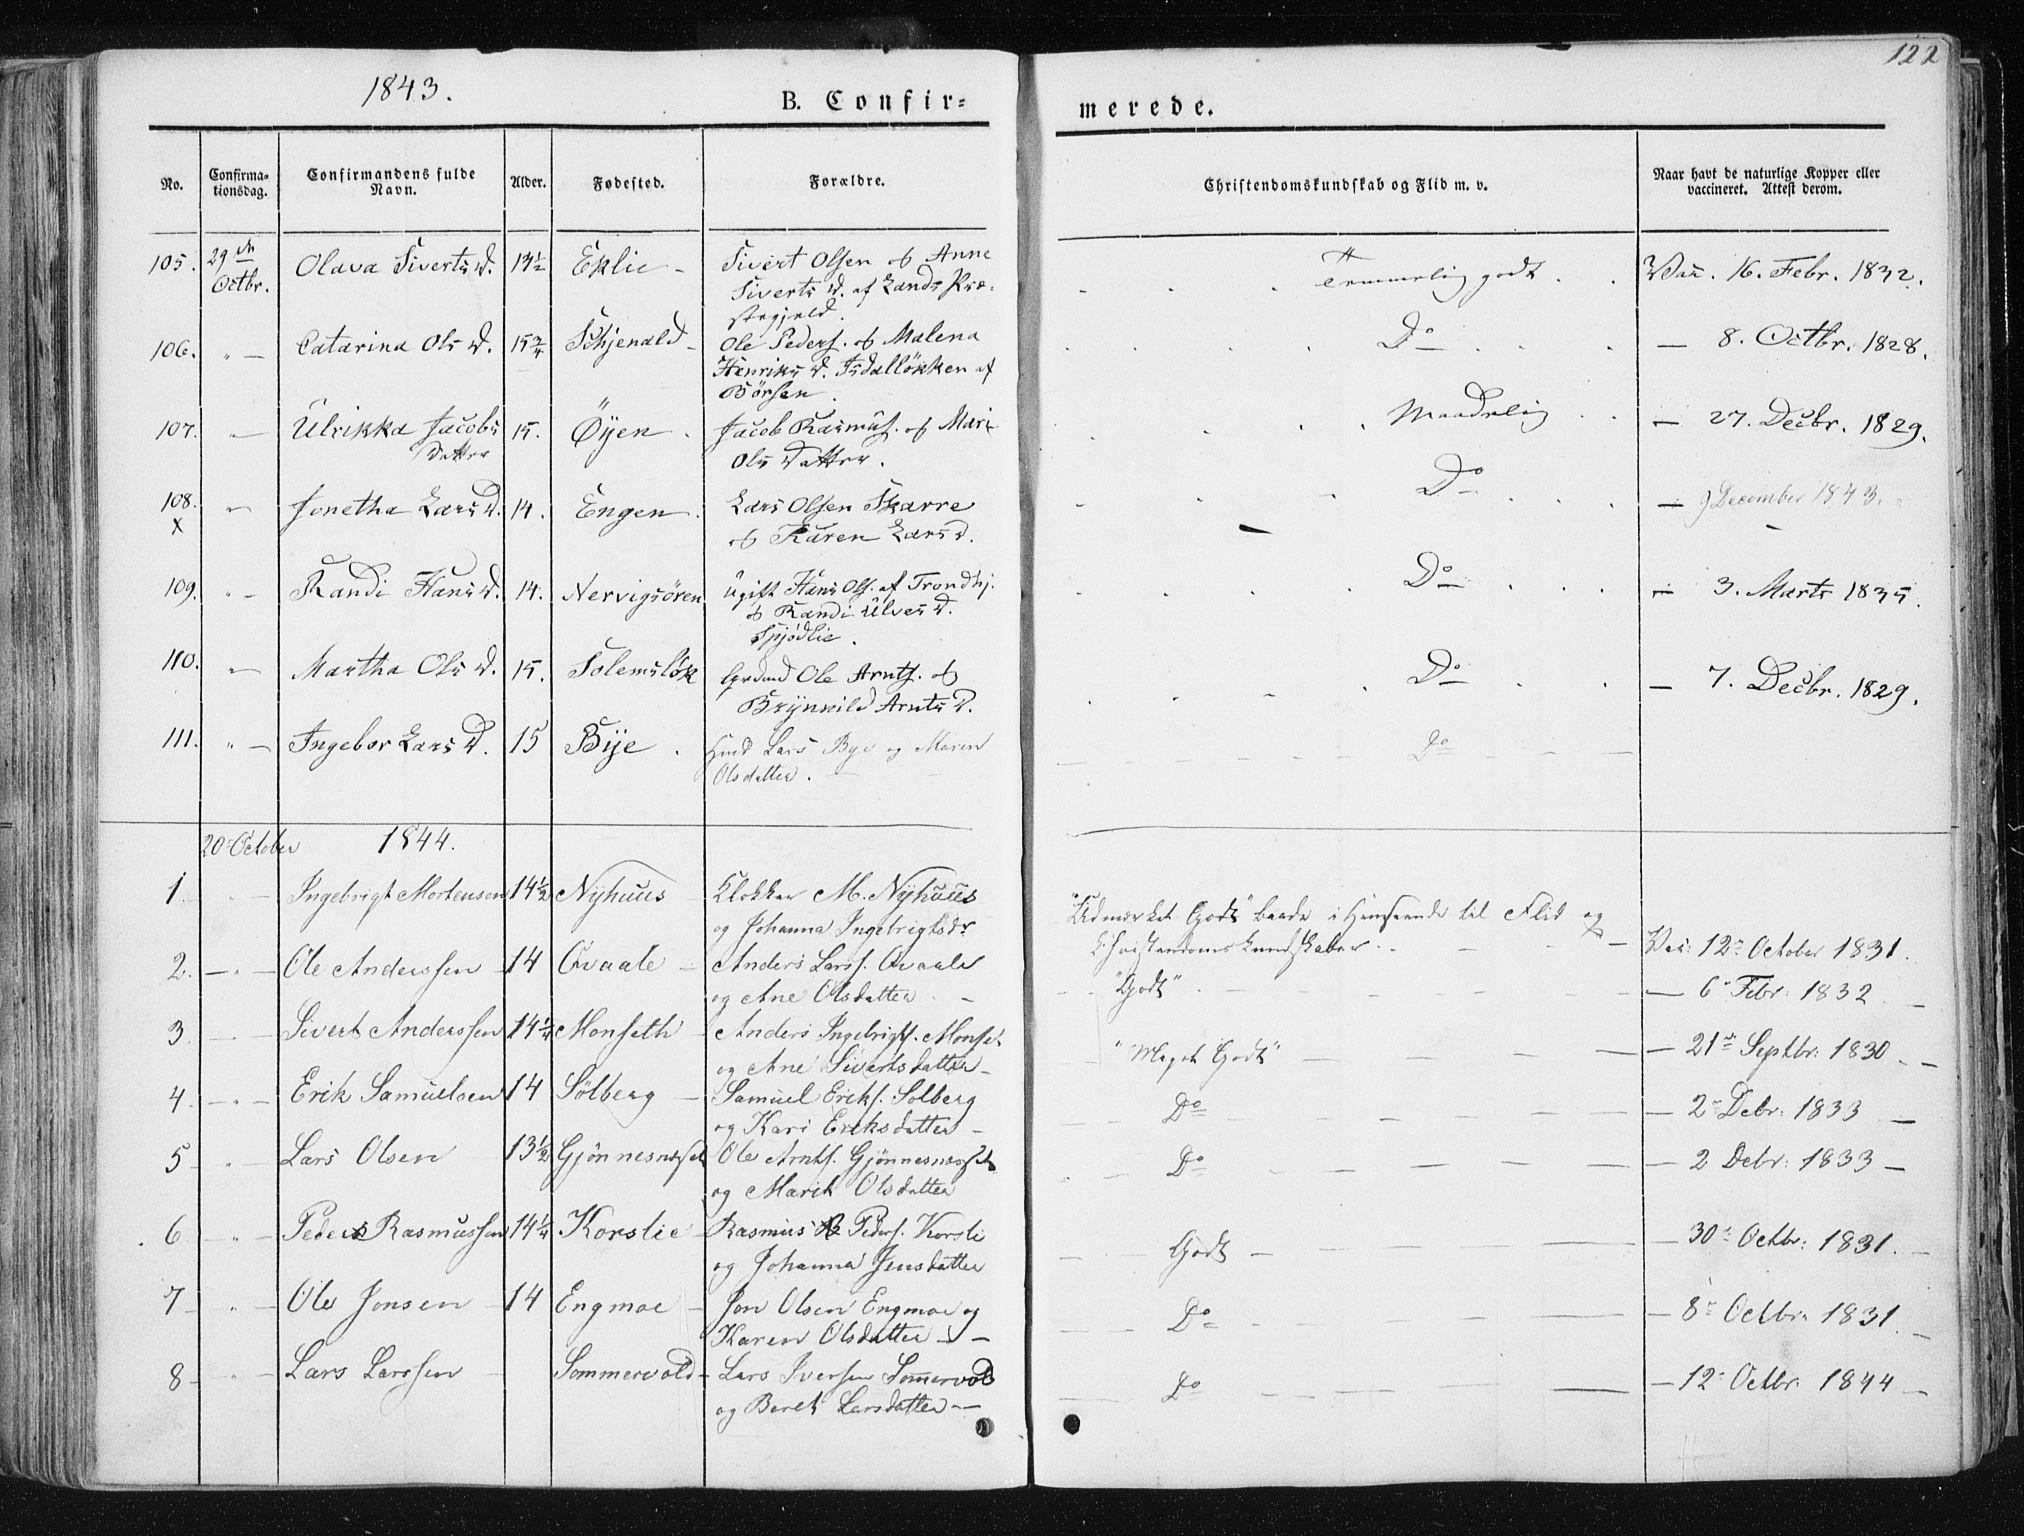 SAT, Ministerialprotokoller, klokkerbøker og fødselsregistre - Sør-Trøndelag, 668/L0805: Ministerialbok nr. 668A05, 1840-1853, s. 122